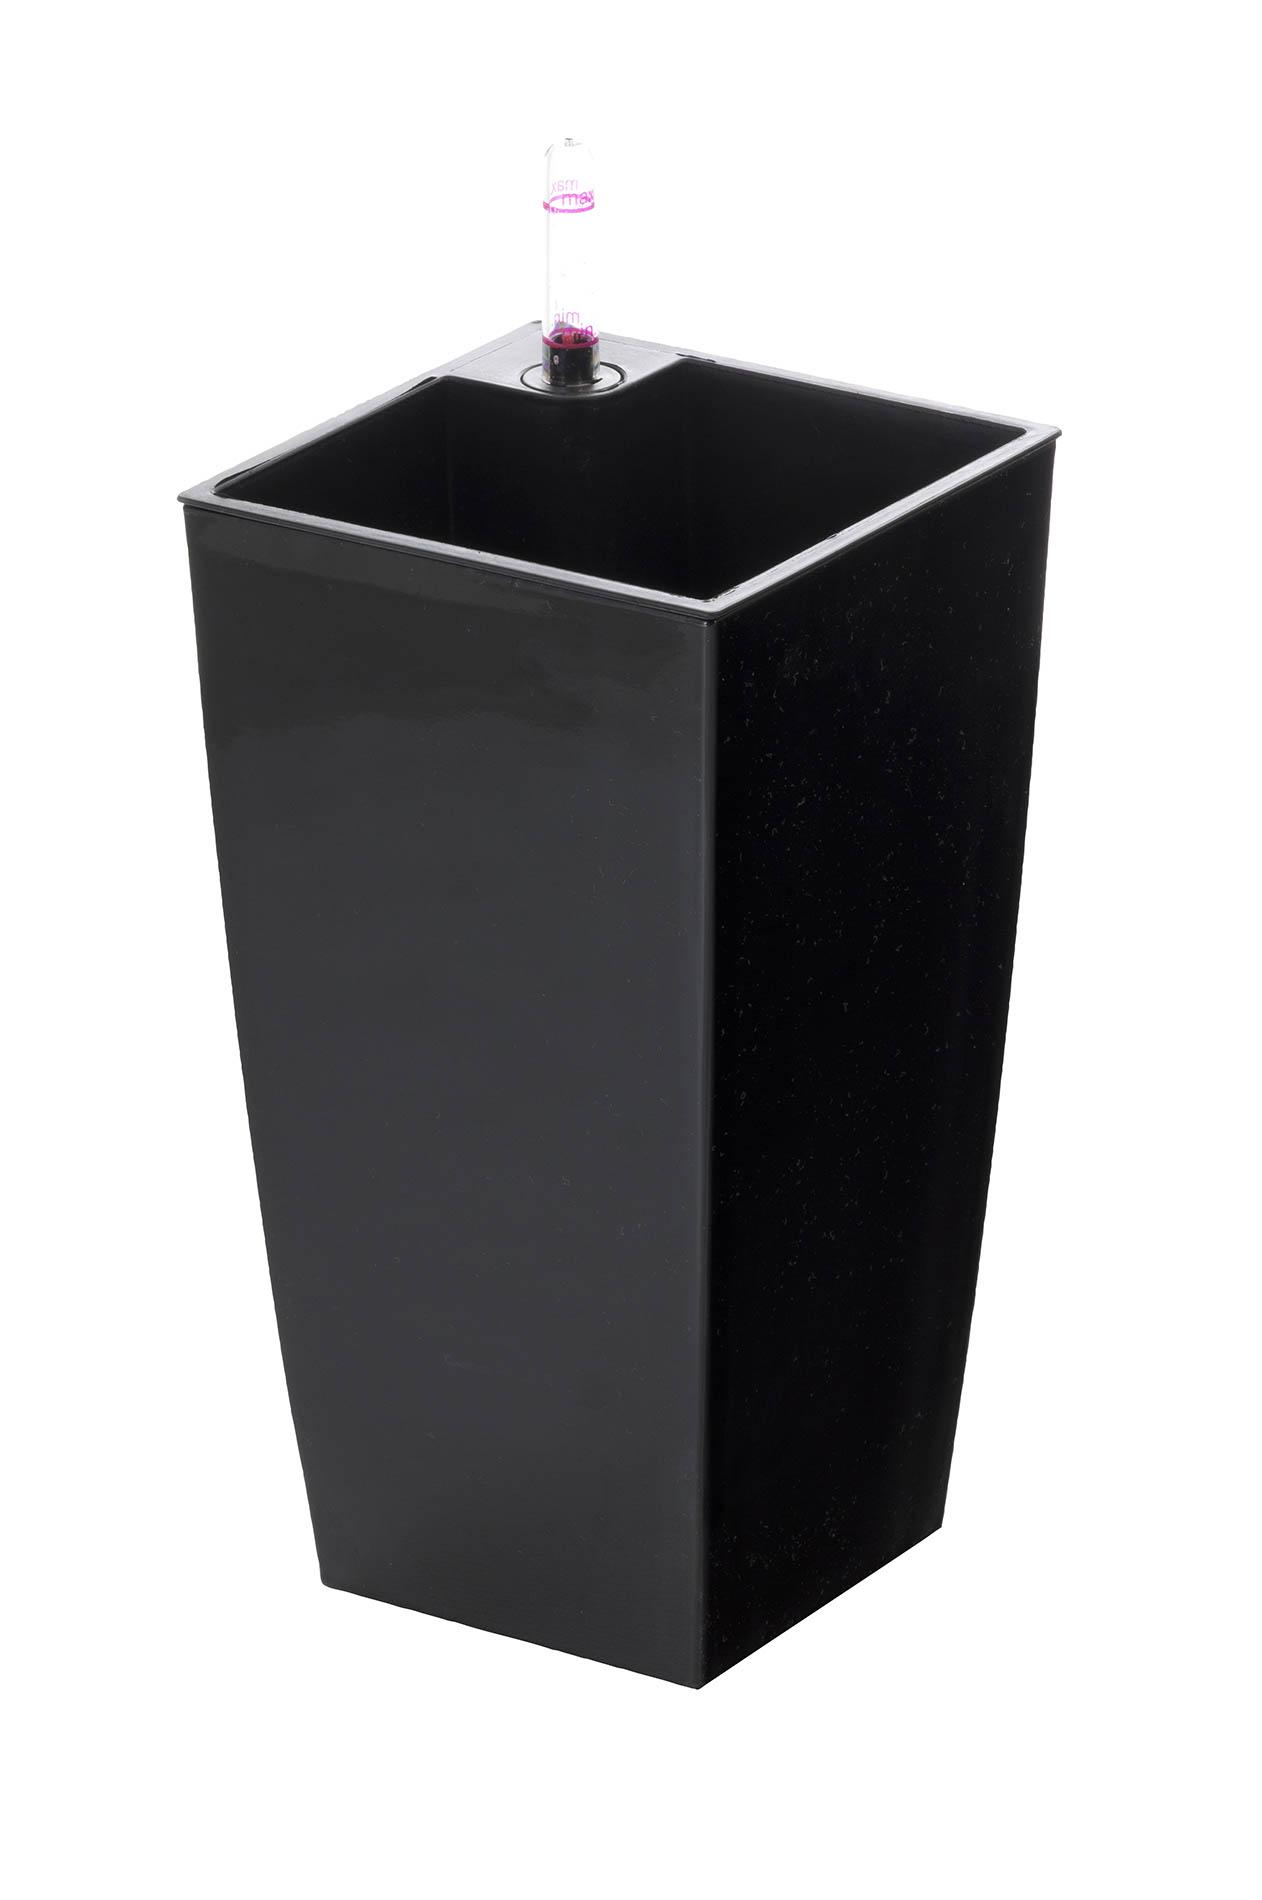 Samozavlažovací květináč G21 Linea mini černý 26 cm